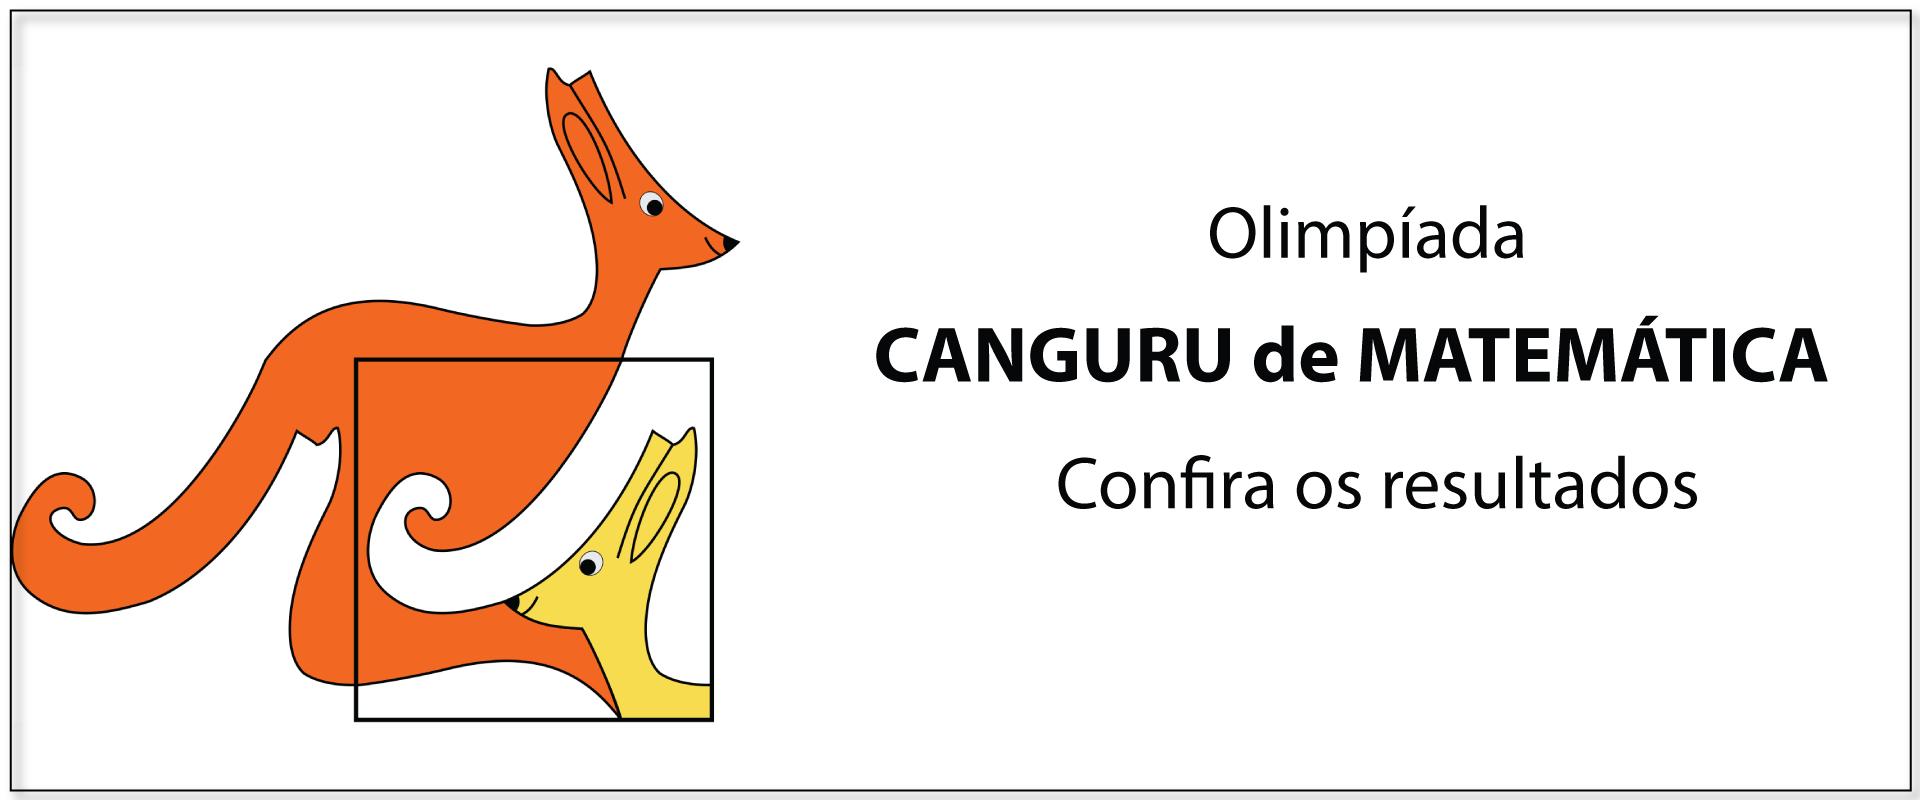 Alunos do Colégio Batalha são premiados na Olimpíada Canguru de Matemática.